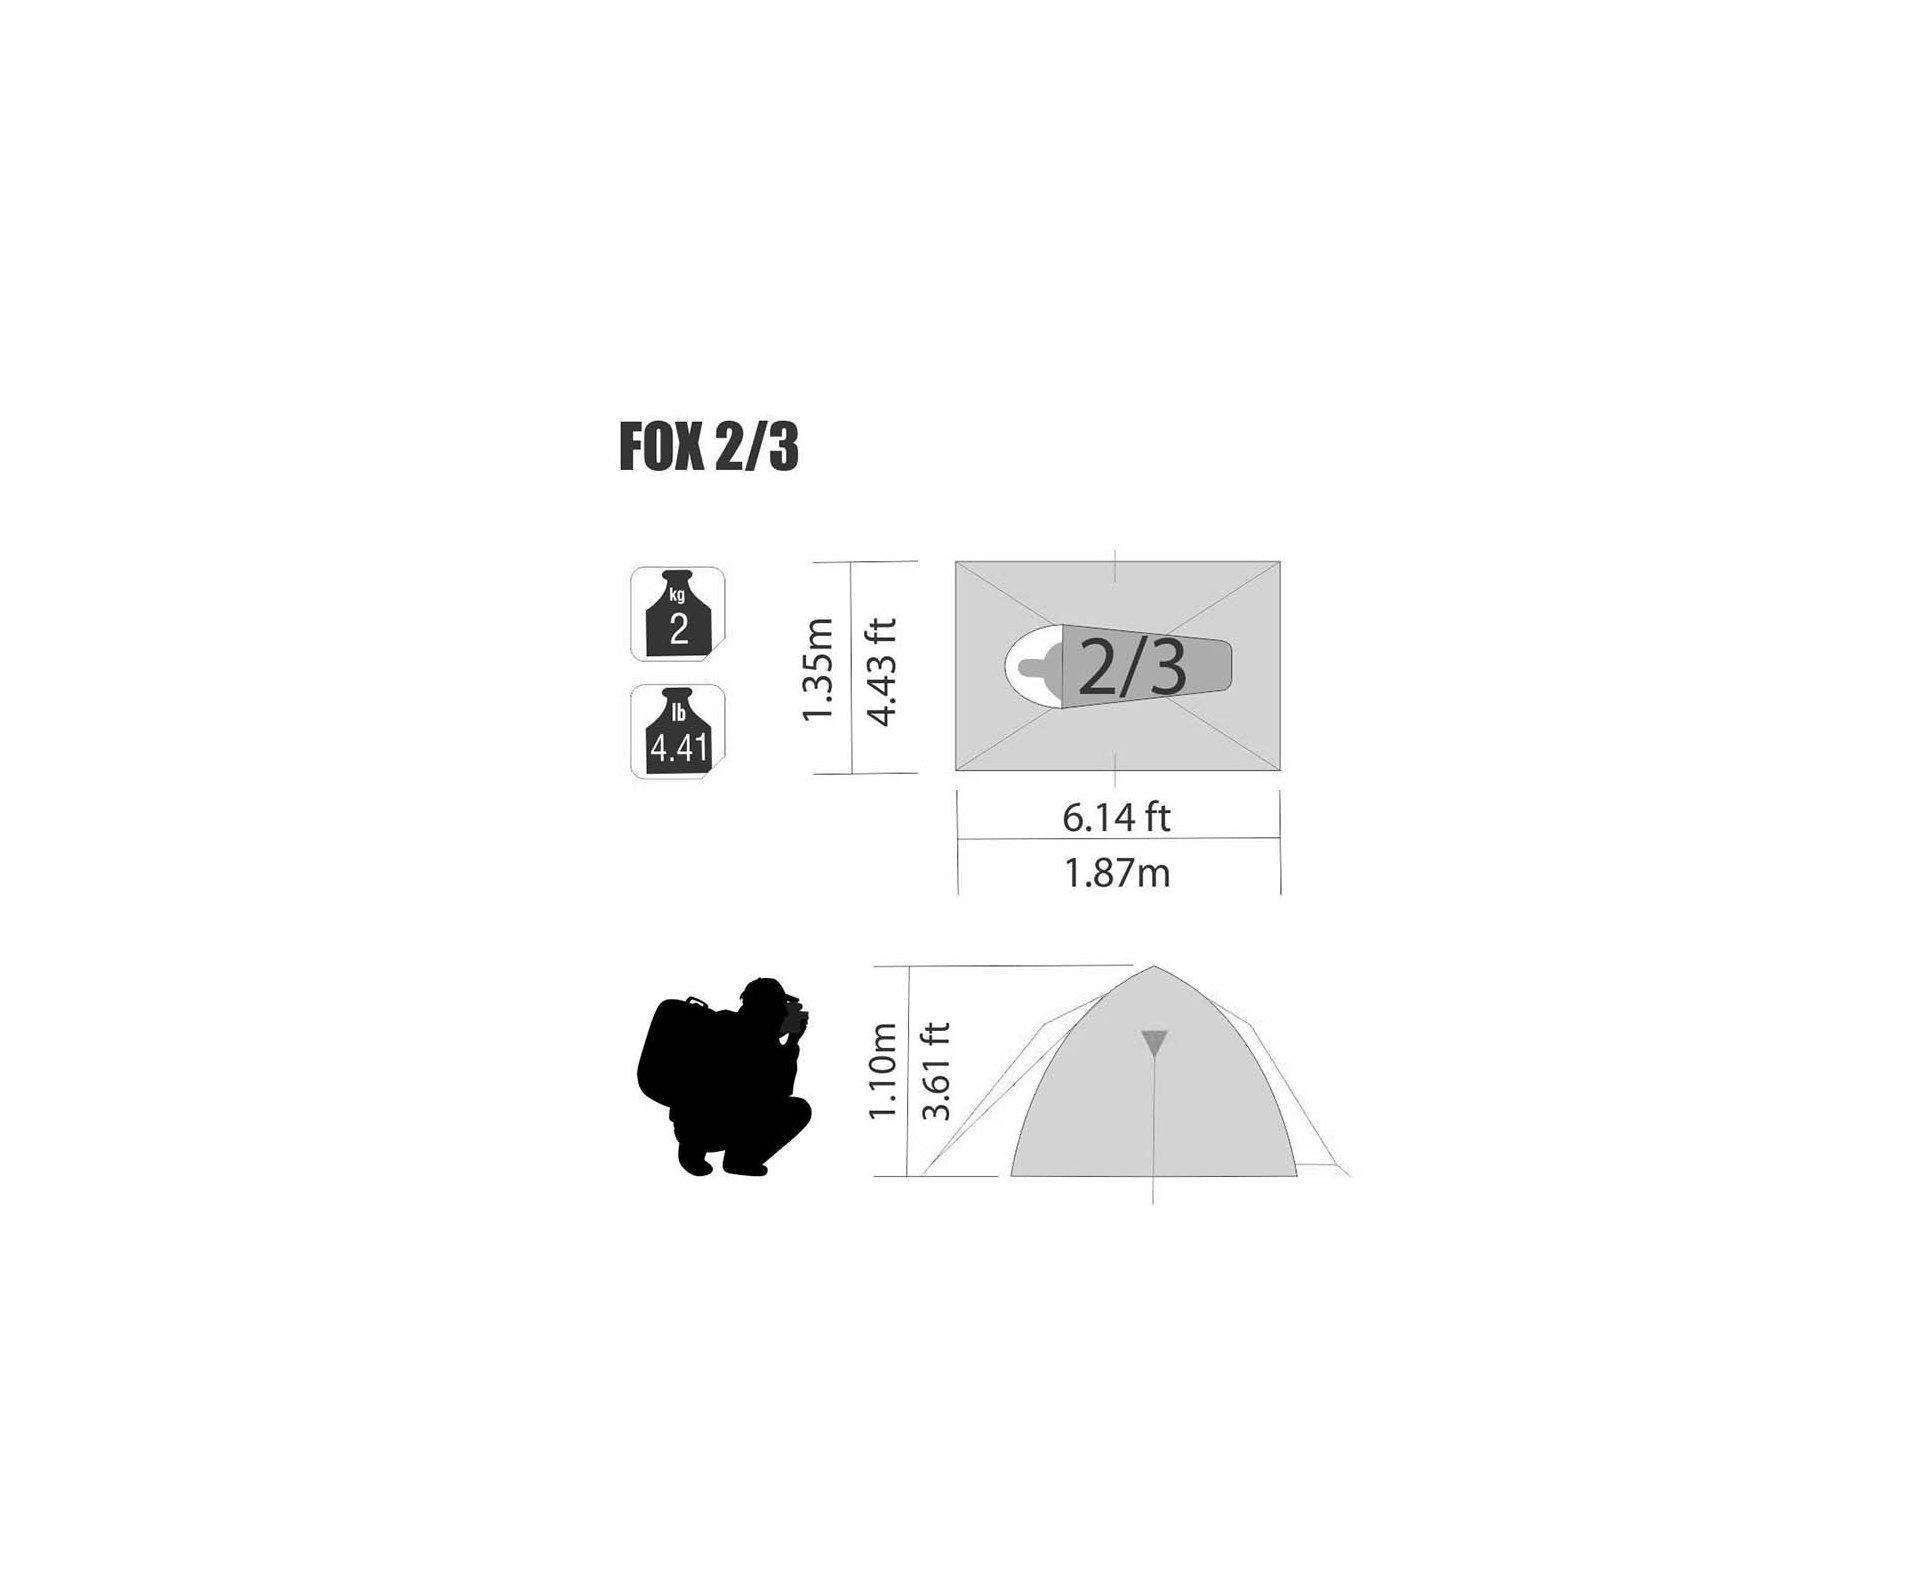 Barraca Para Camping Fox 2/3 Ntk Até 3 Pessoas Com 800 Mm De Coluna D'água Fácil De Armar